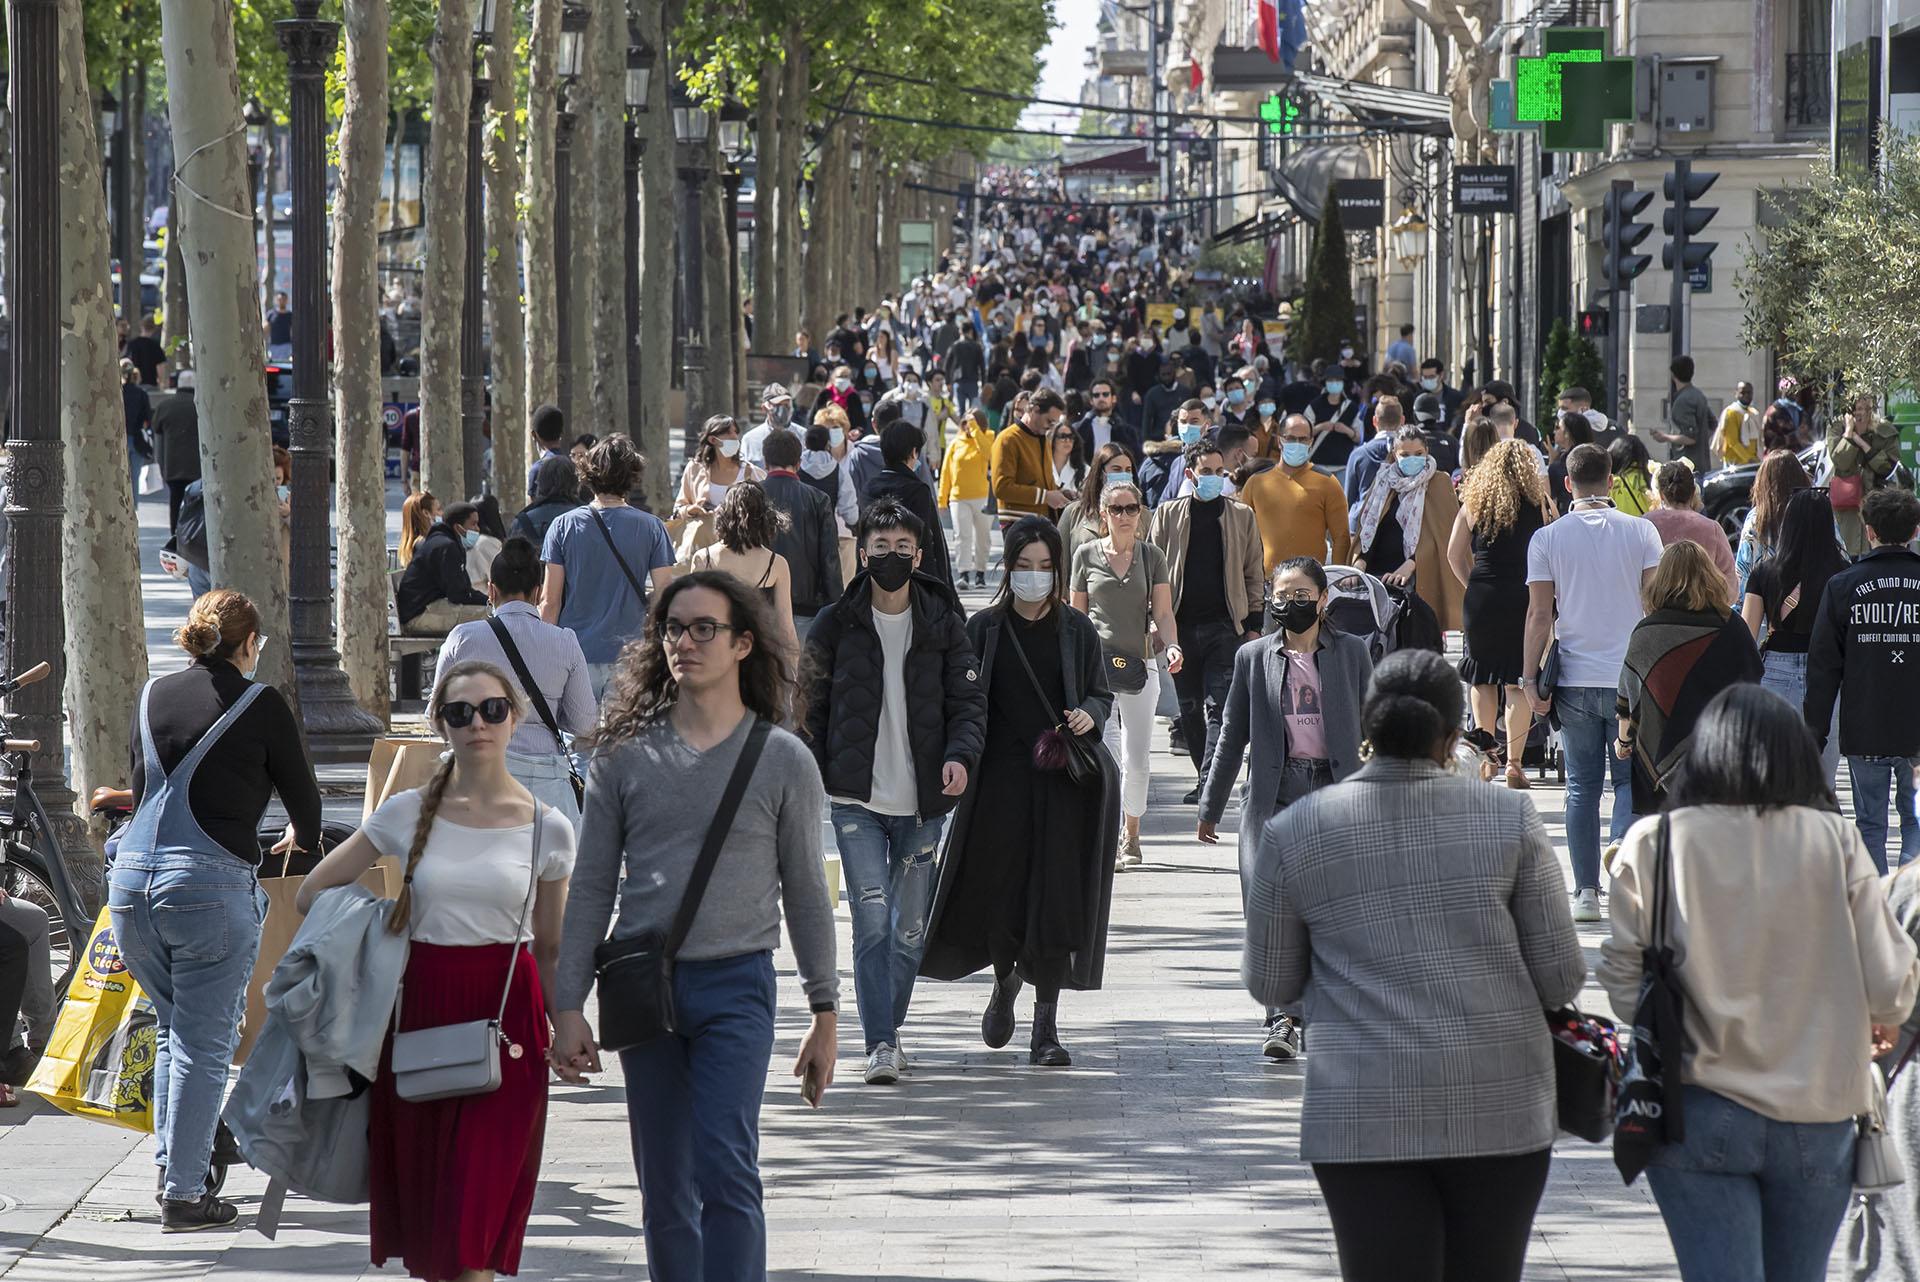 Una multitud paseó por la tradicional avenida deparisina de Champs Elysees el sábado.